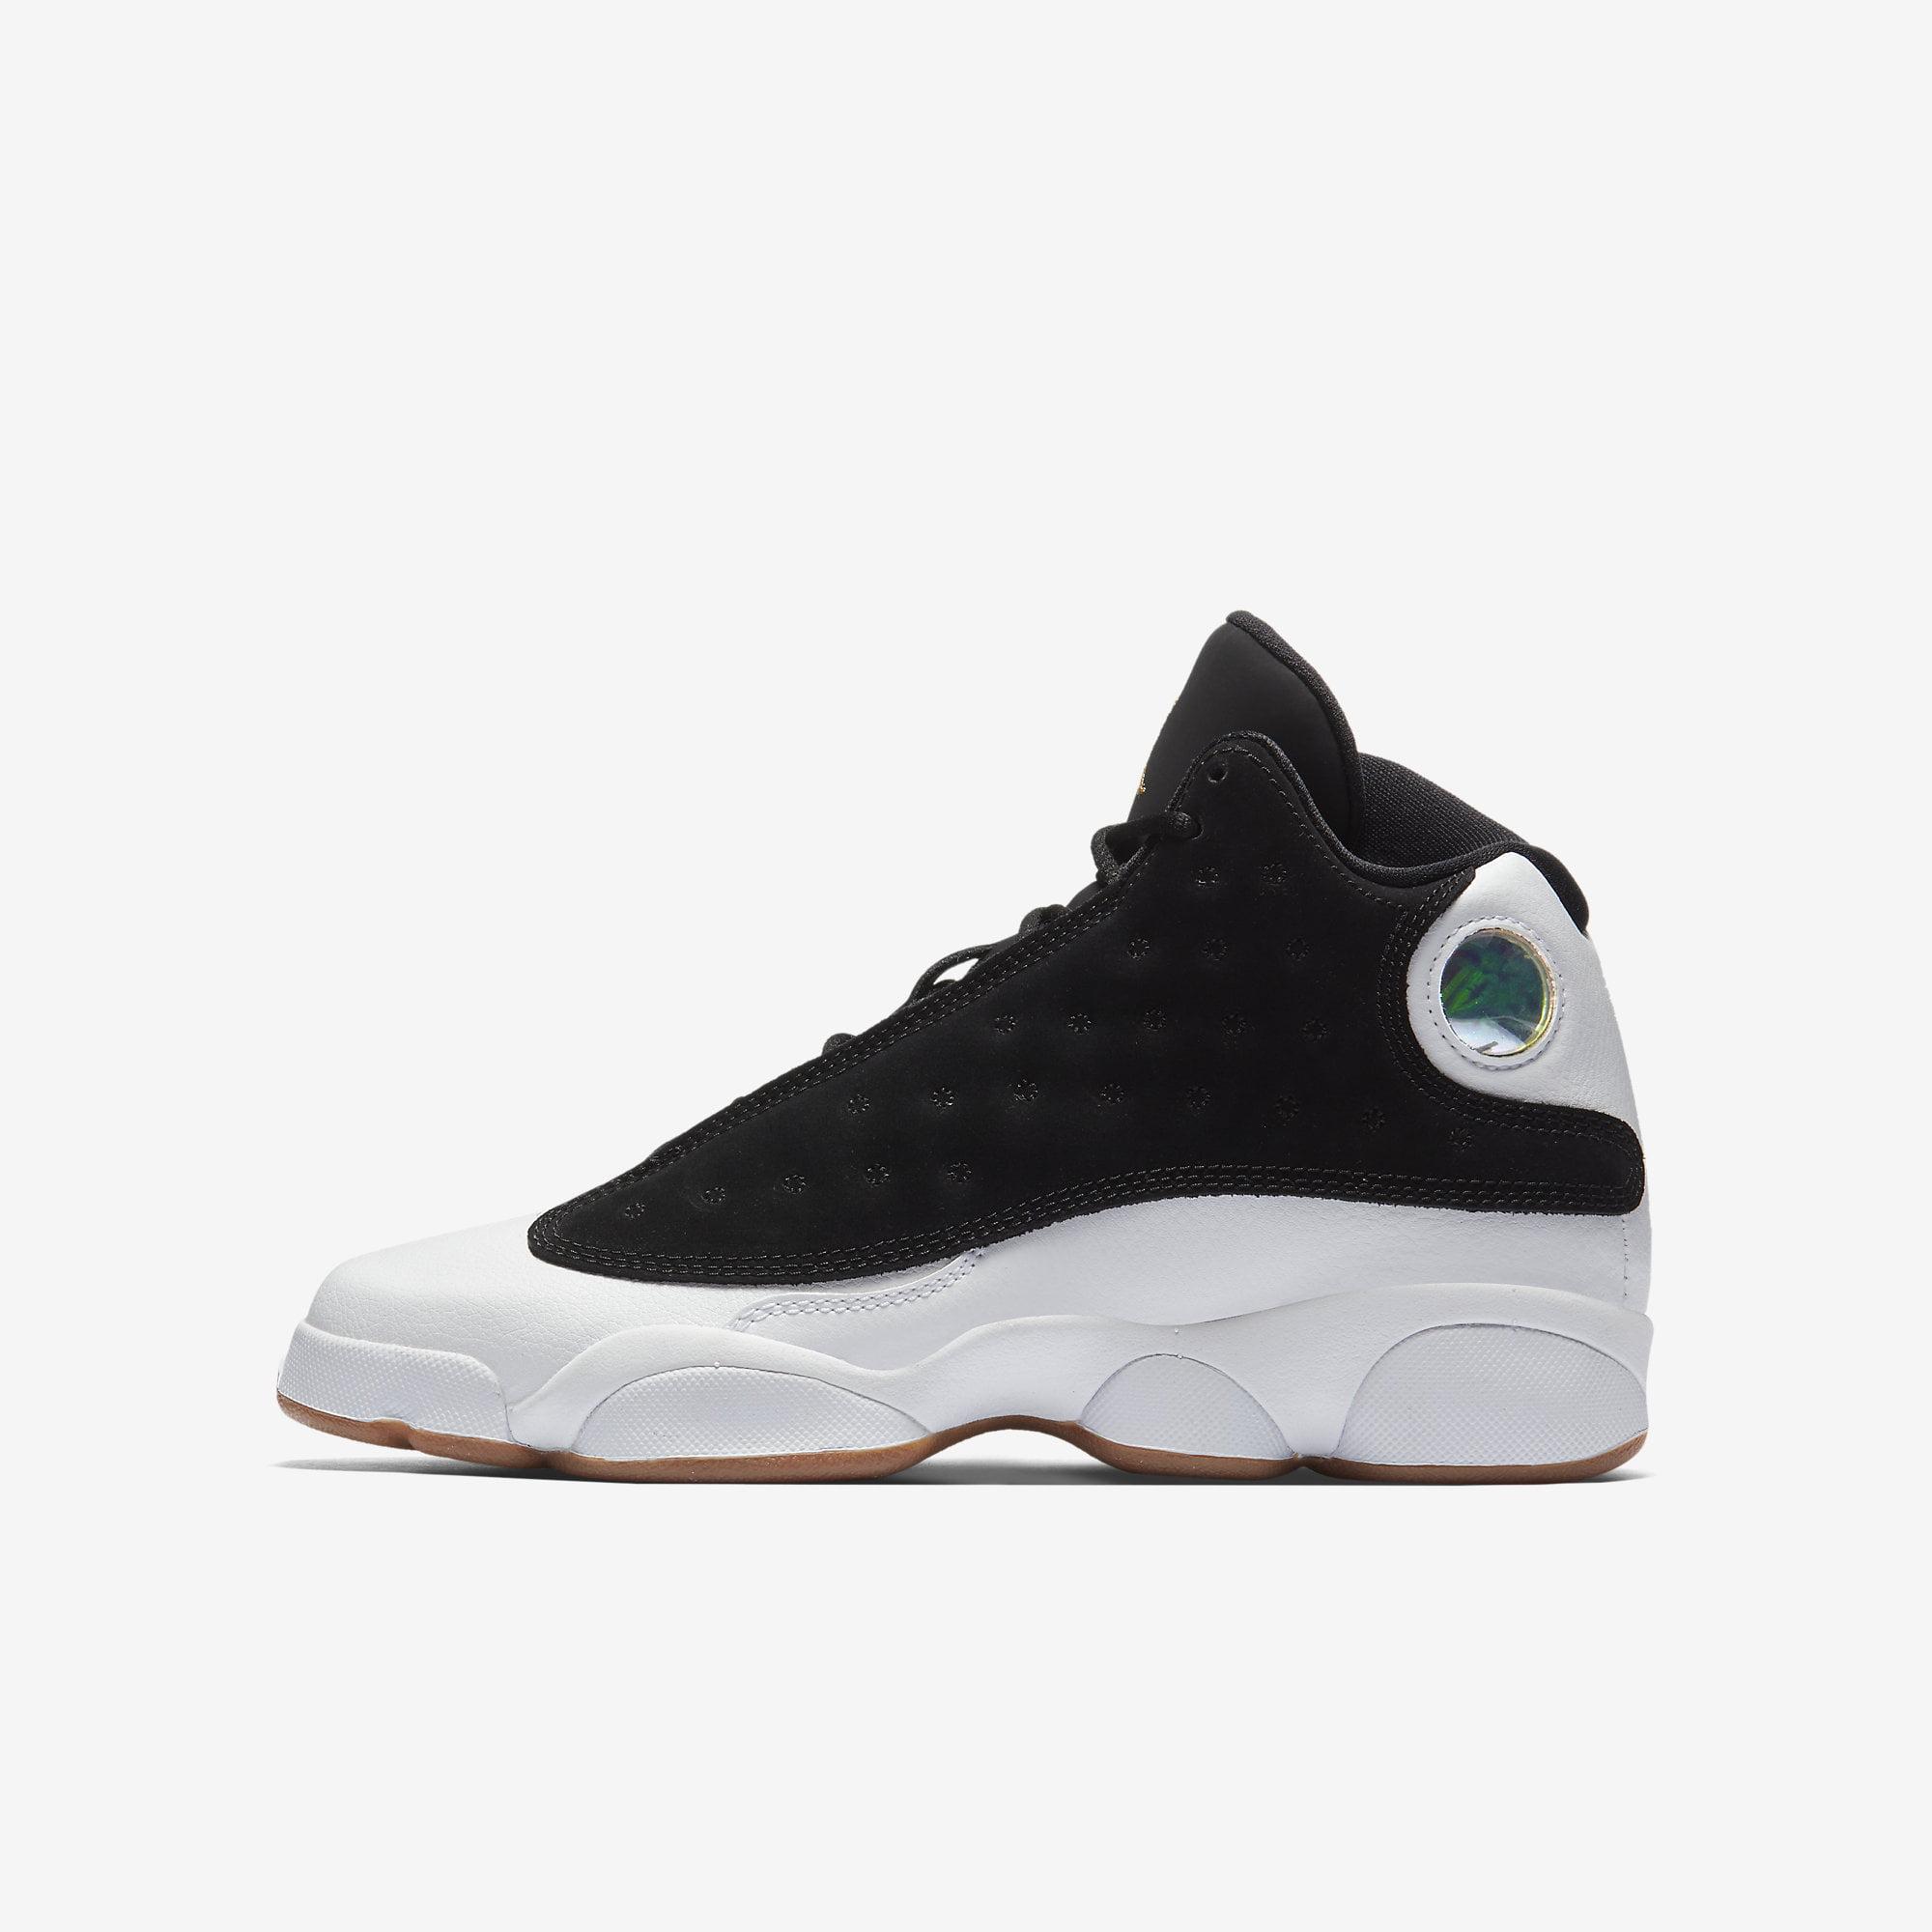 AIR JORDAN RETRO 13 GG GIRL GRADE SCHL Sneakers 439358-021